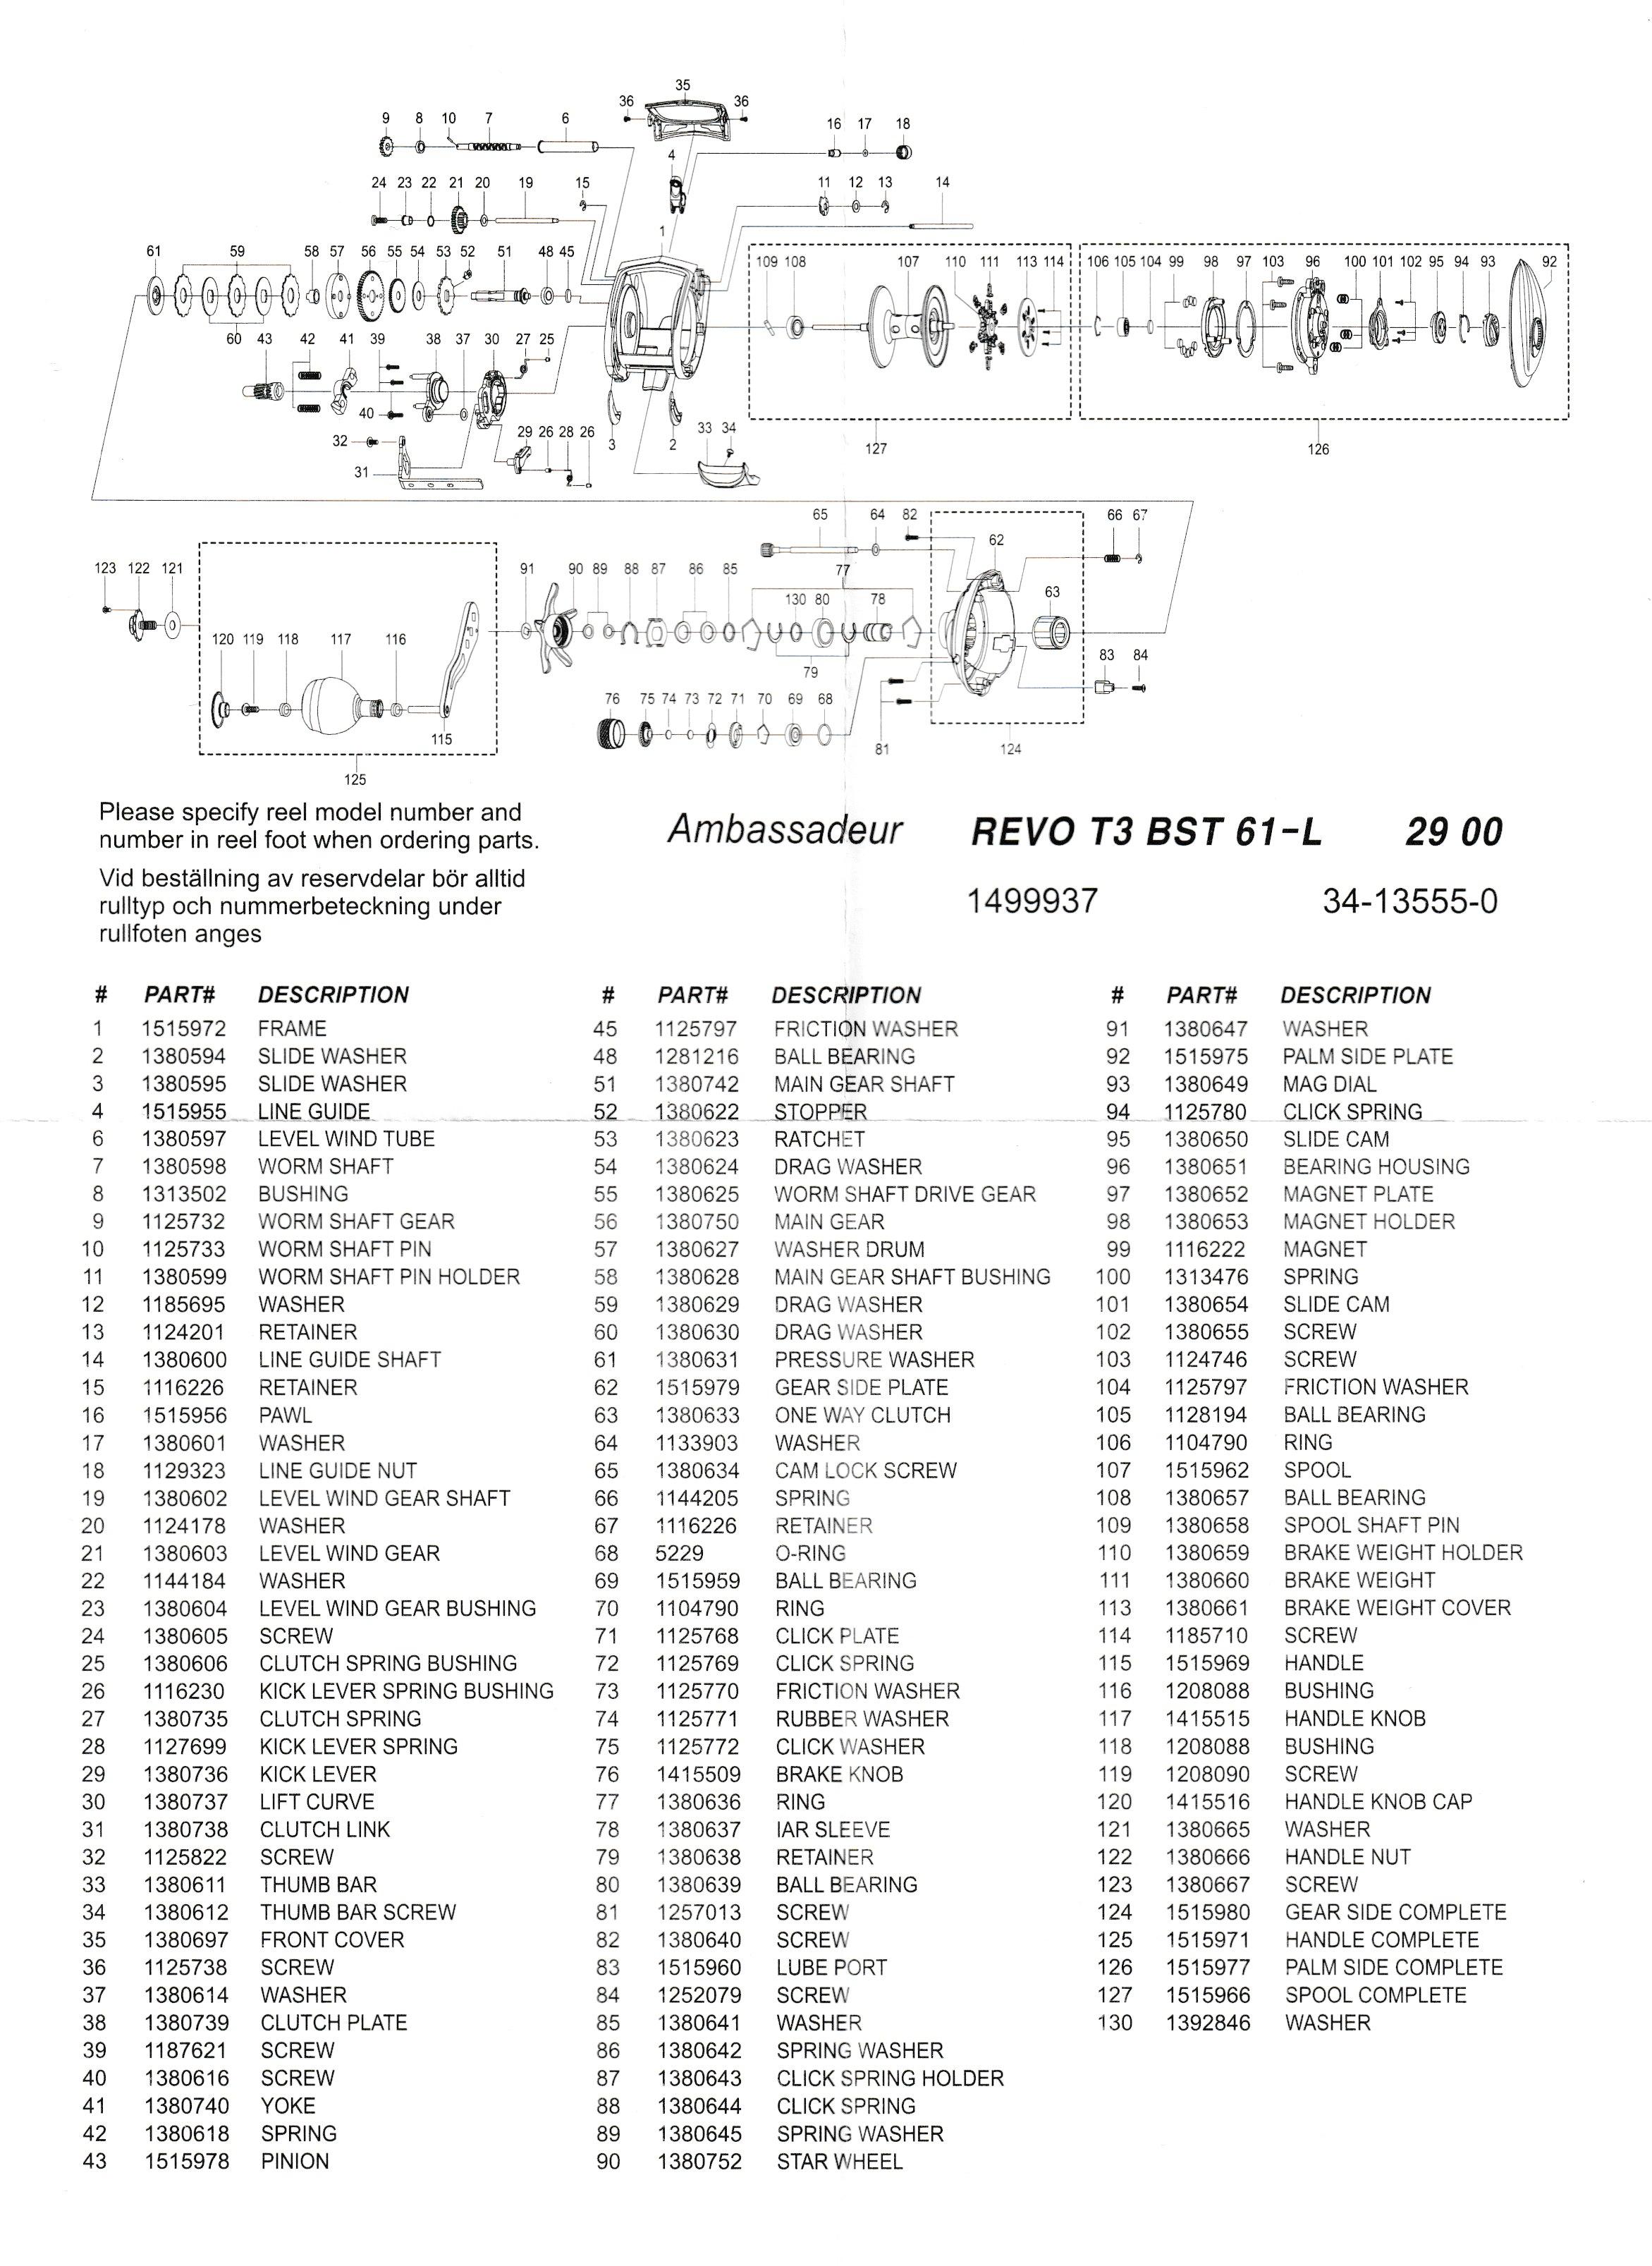 Abu Garcia RTB T3 61 Low Gear Schematic.jpg